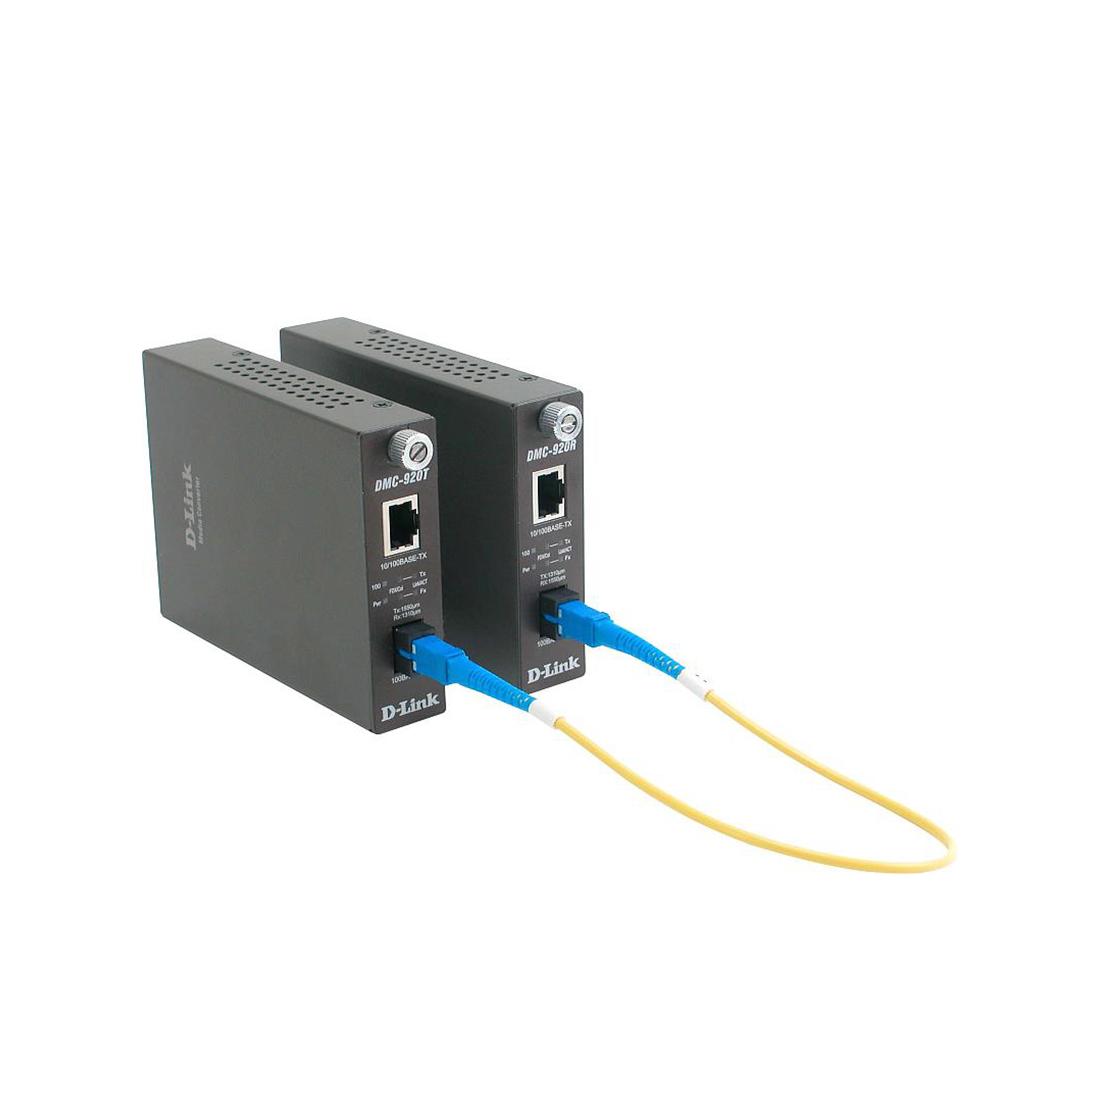 Медиаконвертер D-Link DMC-920R / B10A